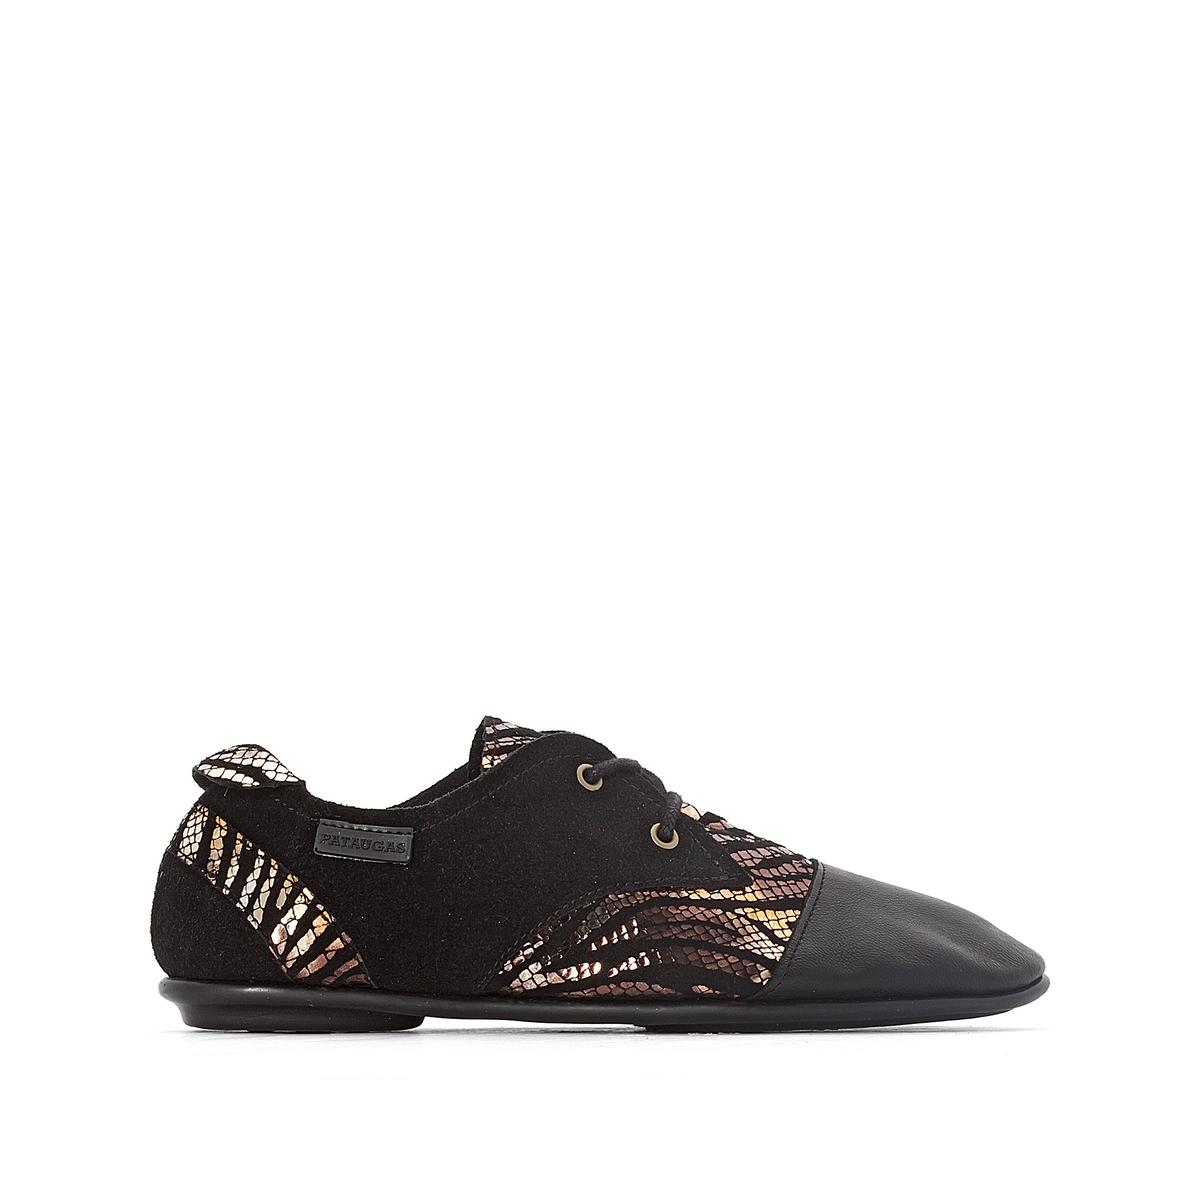 Ботинки-дерби кожаные Swing ботинки дерби под кожу питона